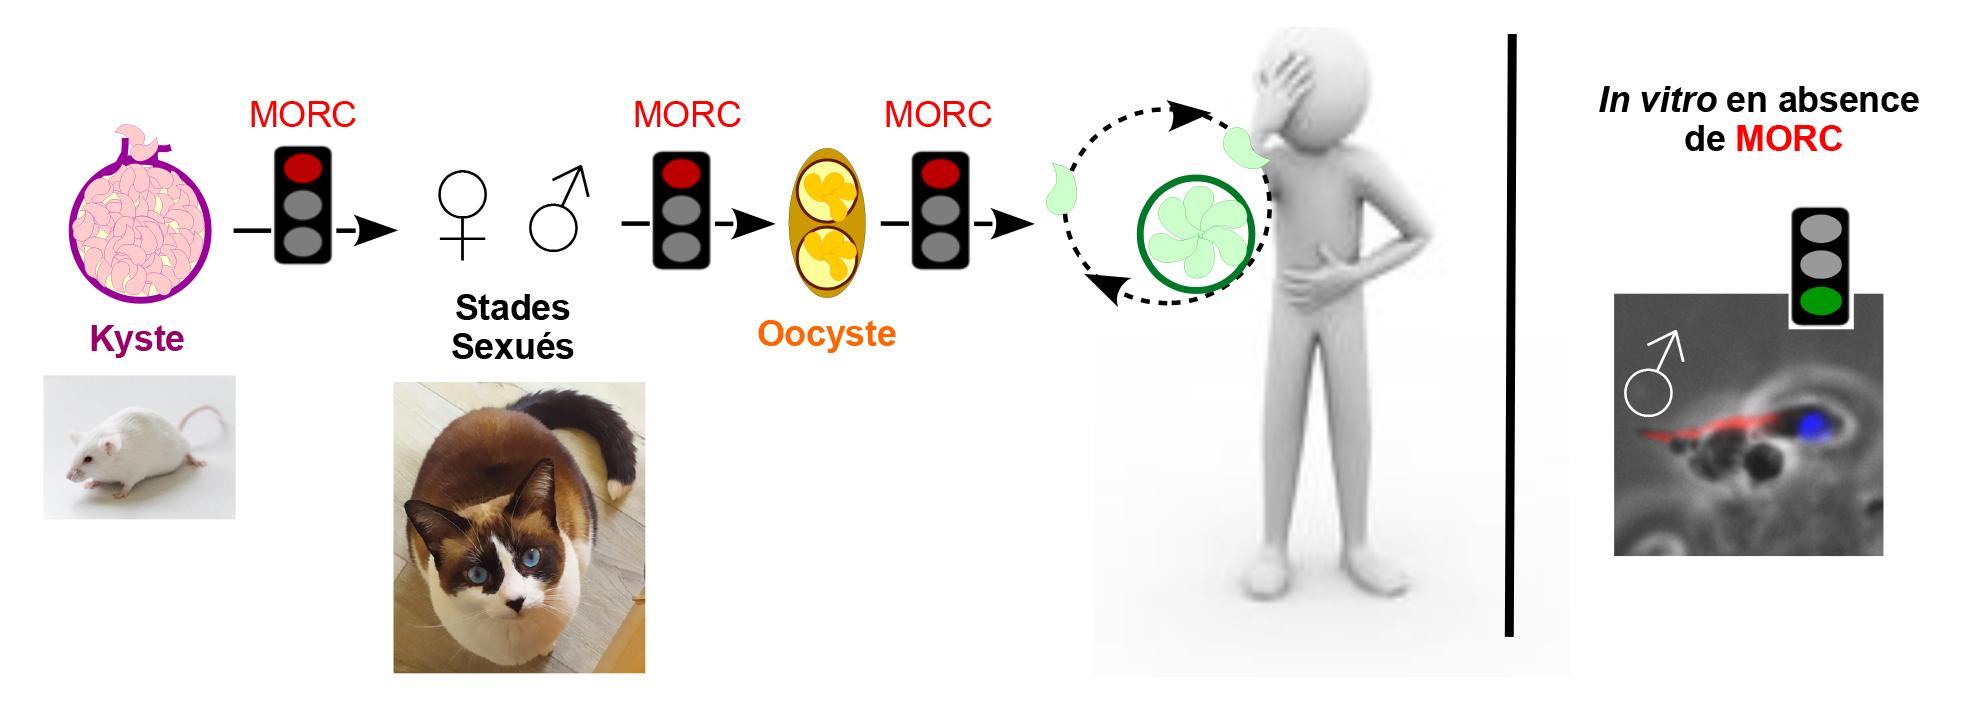 MORC régule le cycle de vie de Toxoplasma, entre Homme et Chat